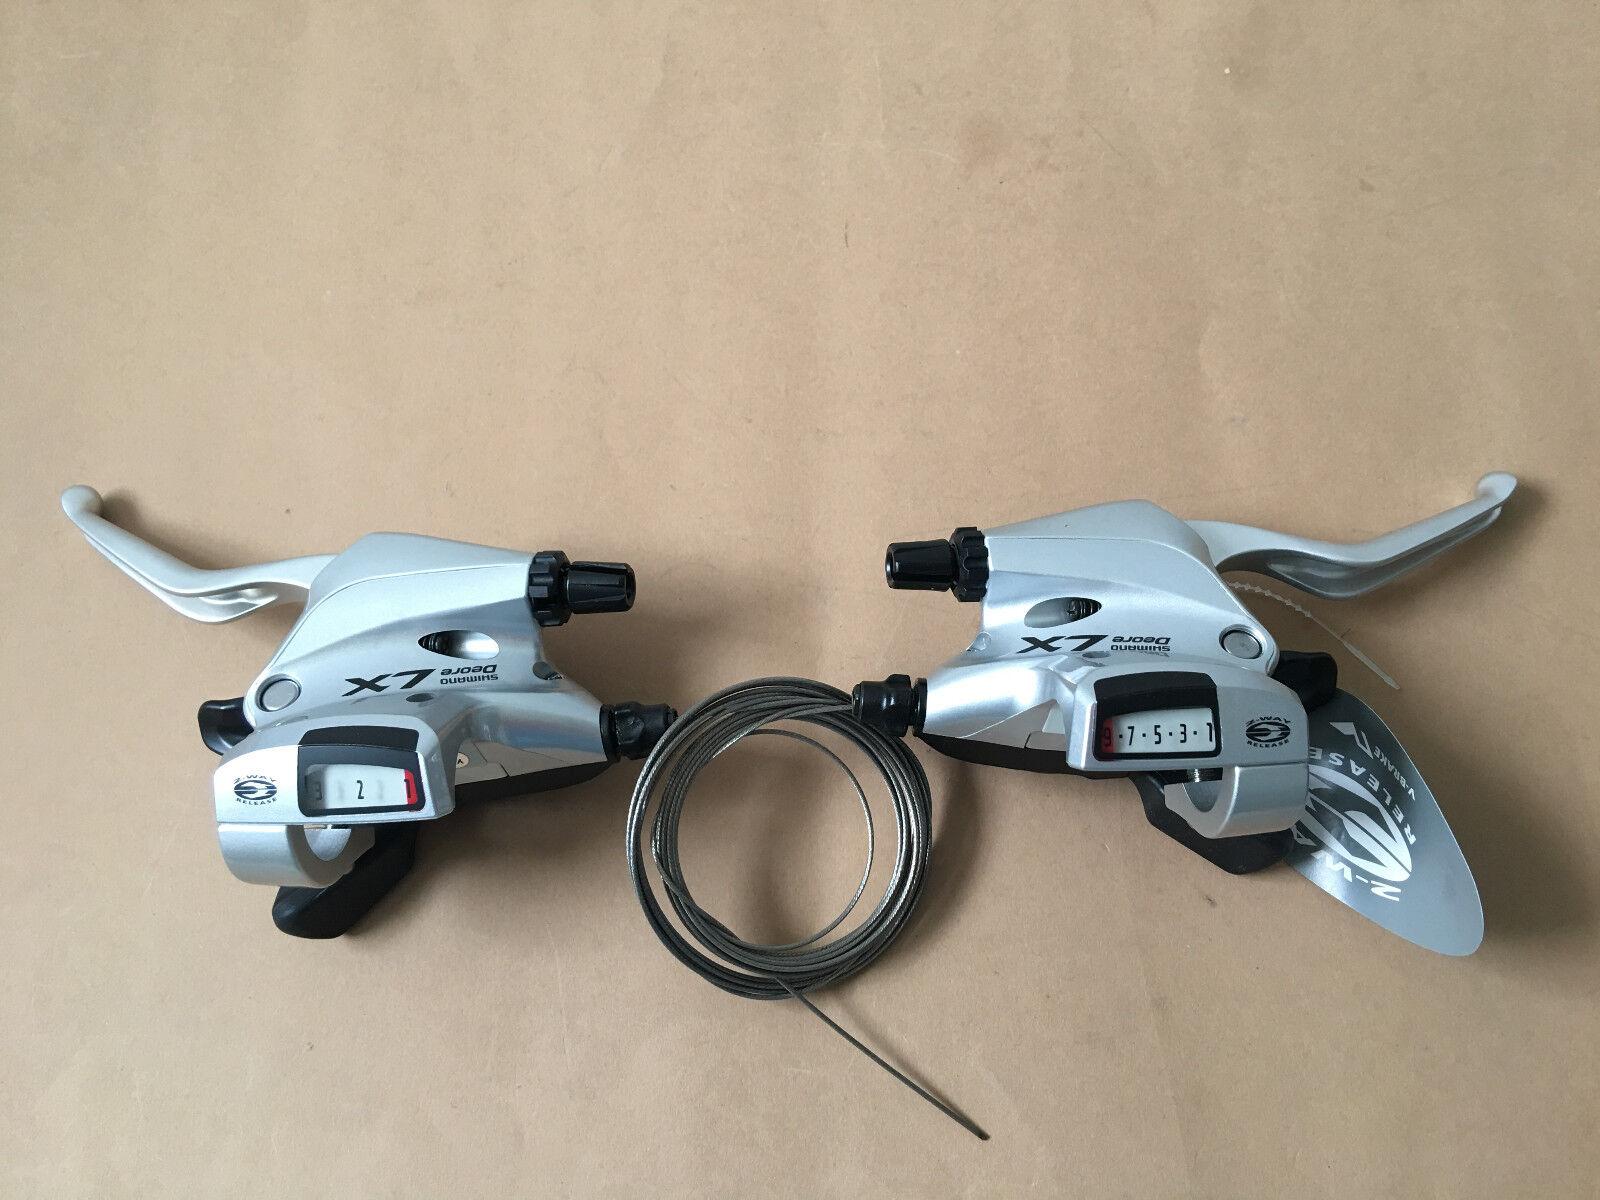 Shimano Deore LX st-t660 circuito palanca de freno 3x9-especializado de plata nuevo